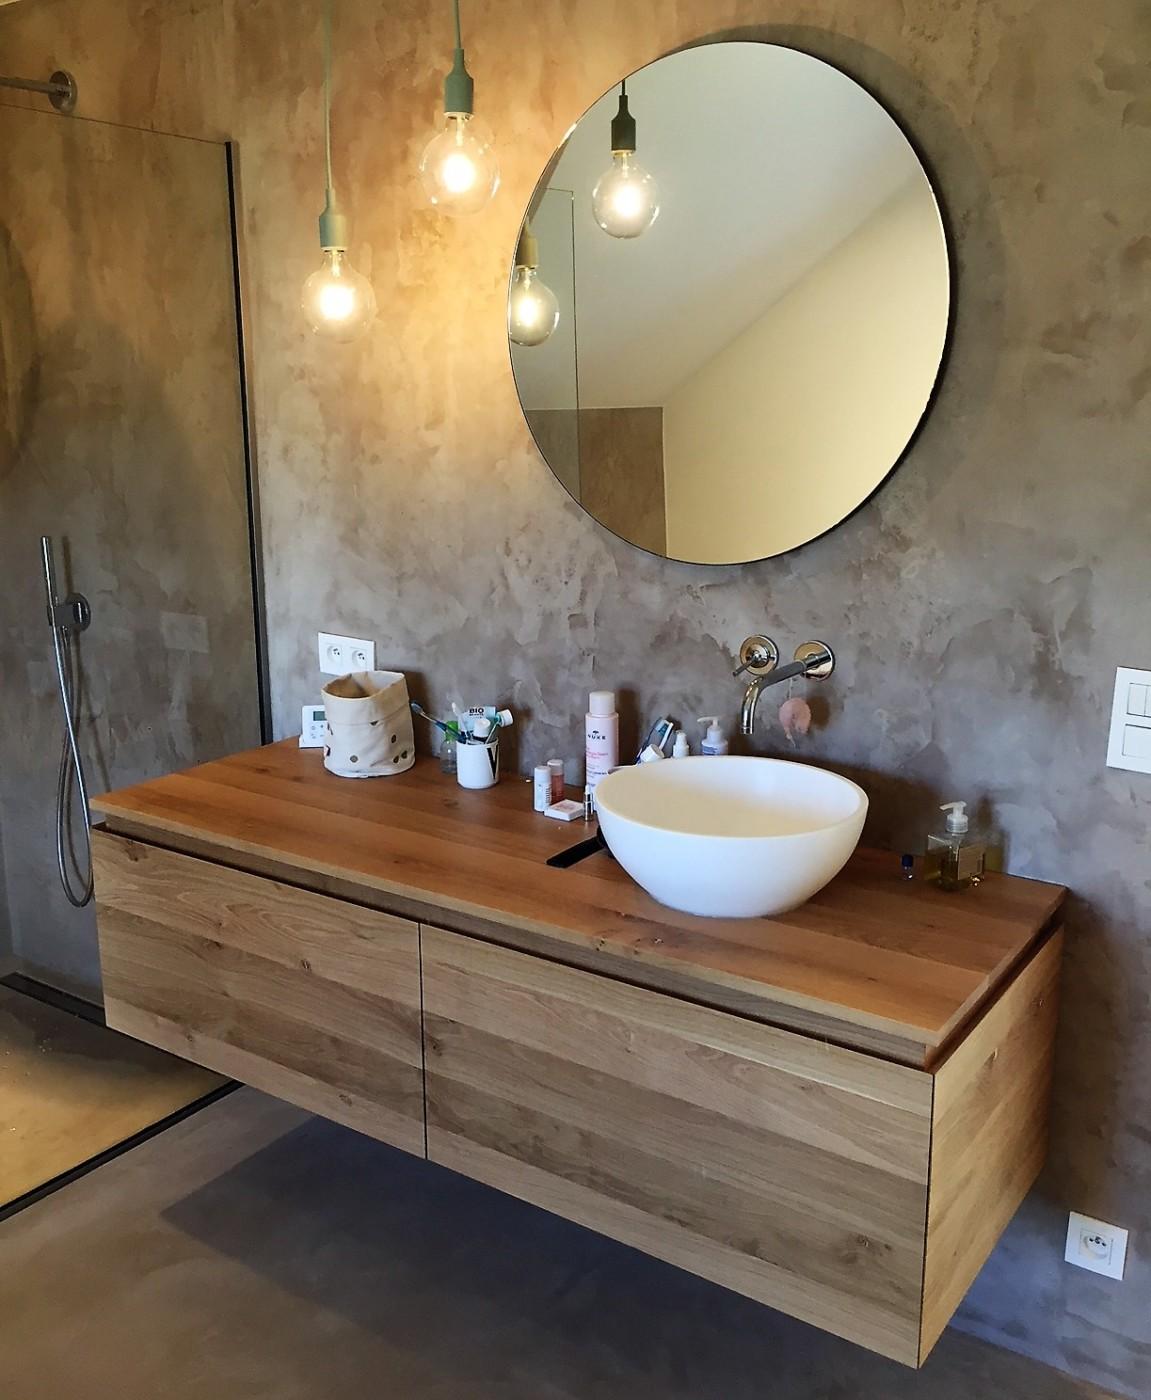 meuble de salle de bain moderne dans une villa contemporaine ...